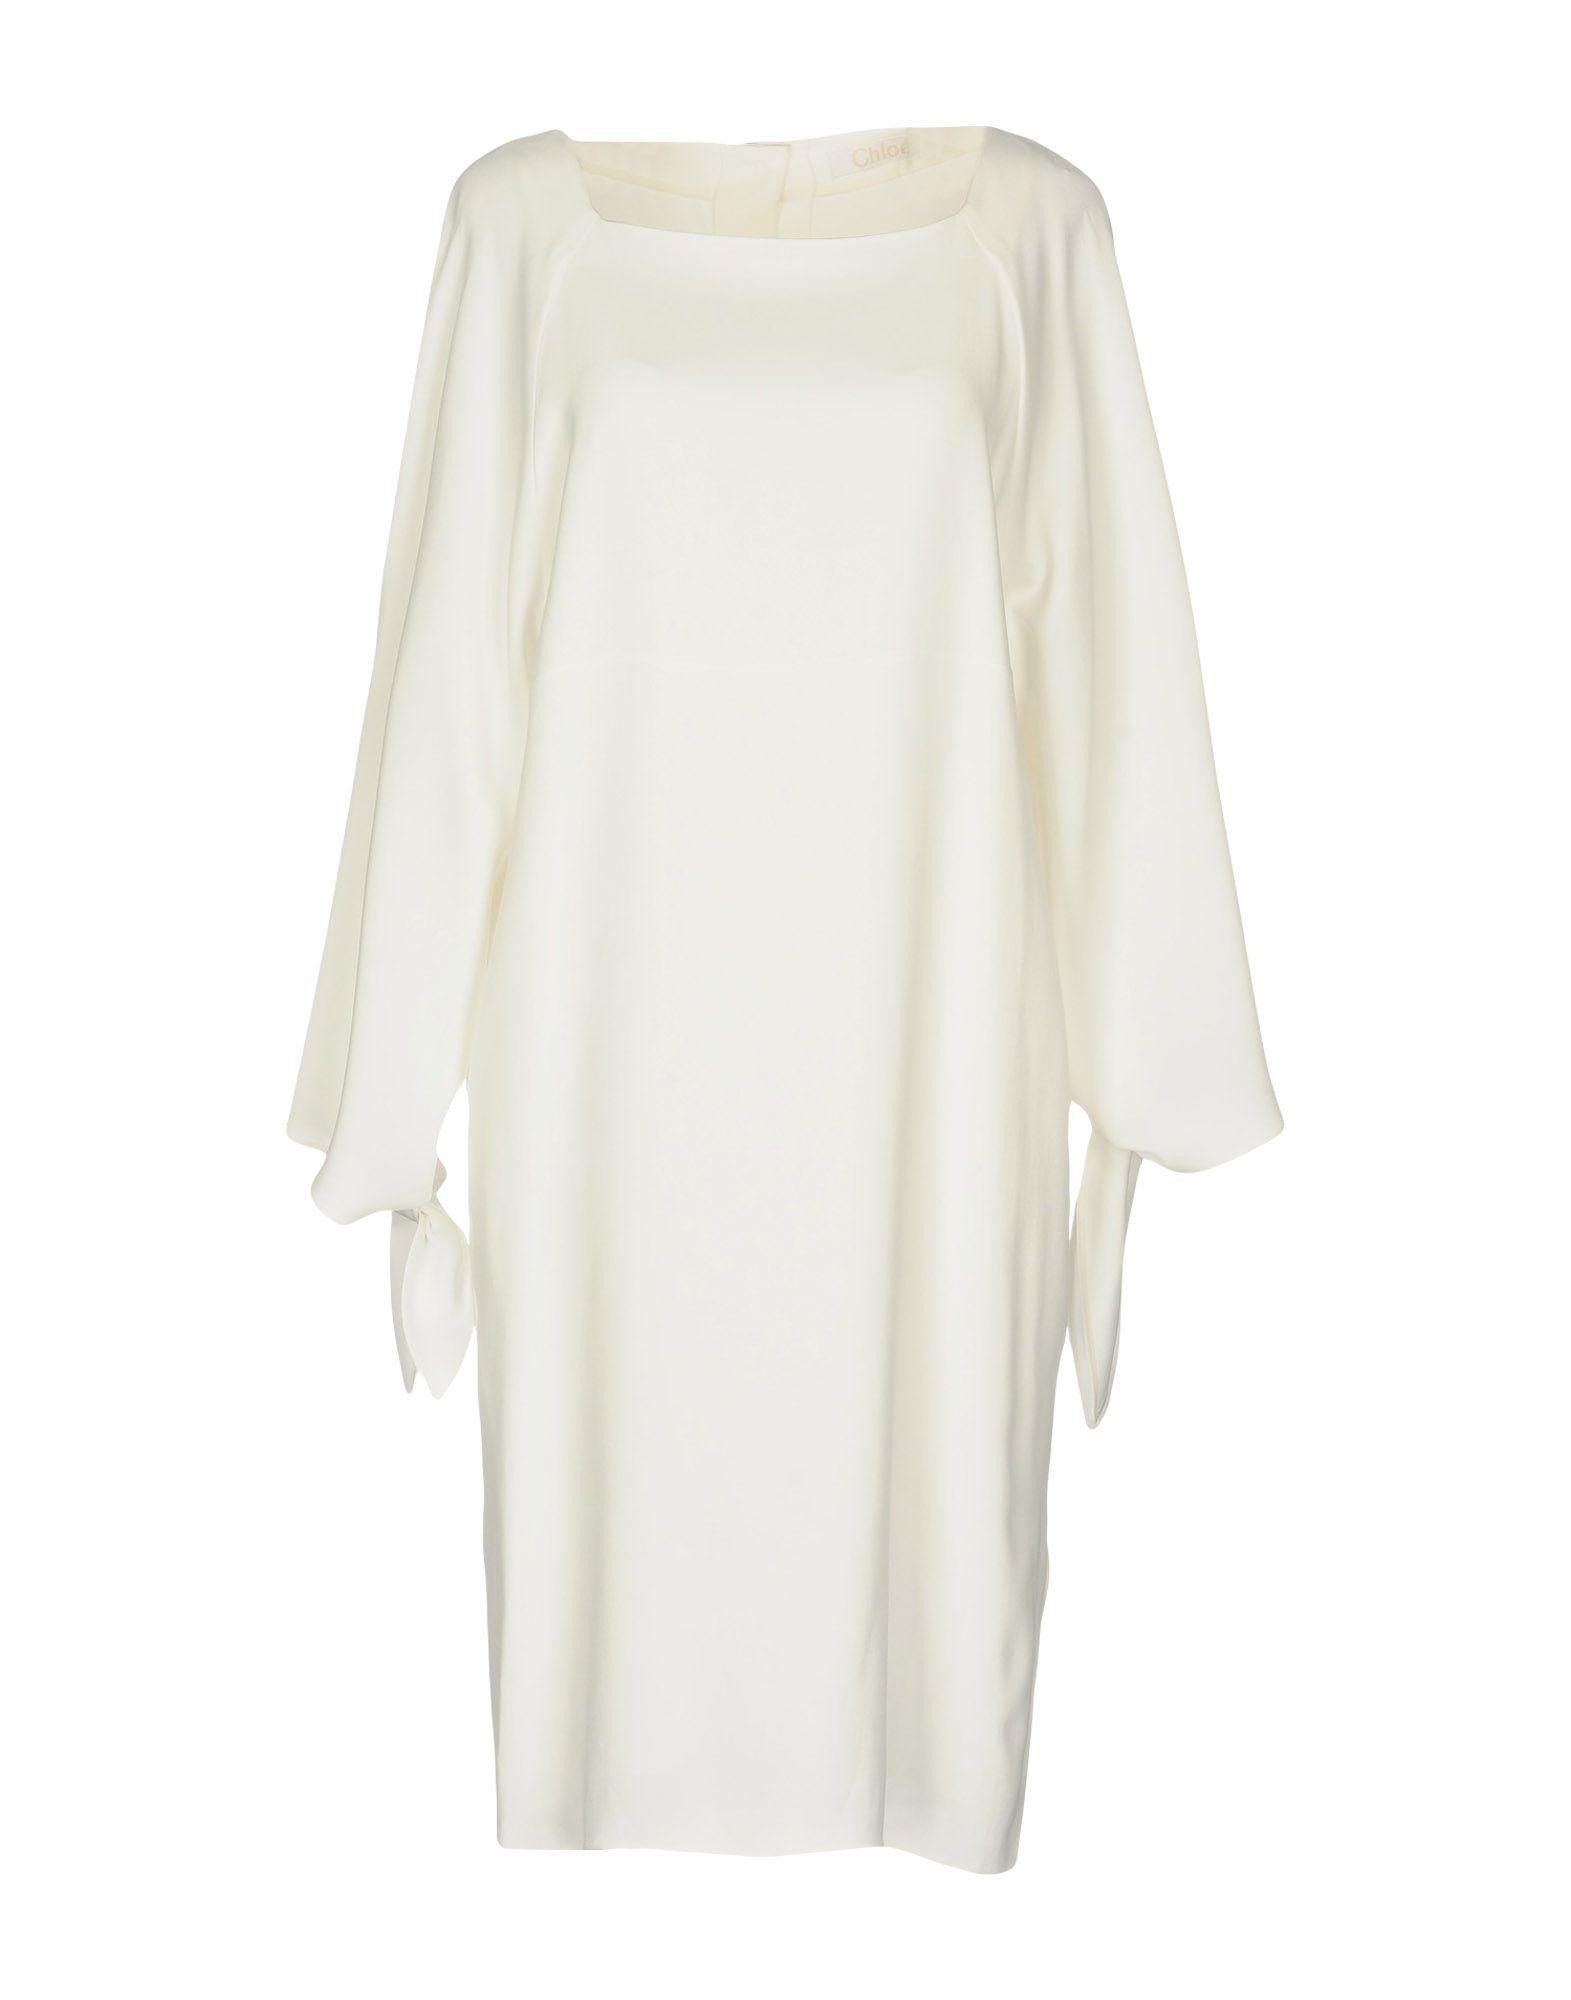 CHLOÉ Короткое платье платье с зернистым рисунком chloé